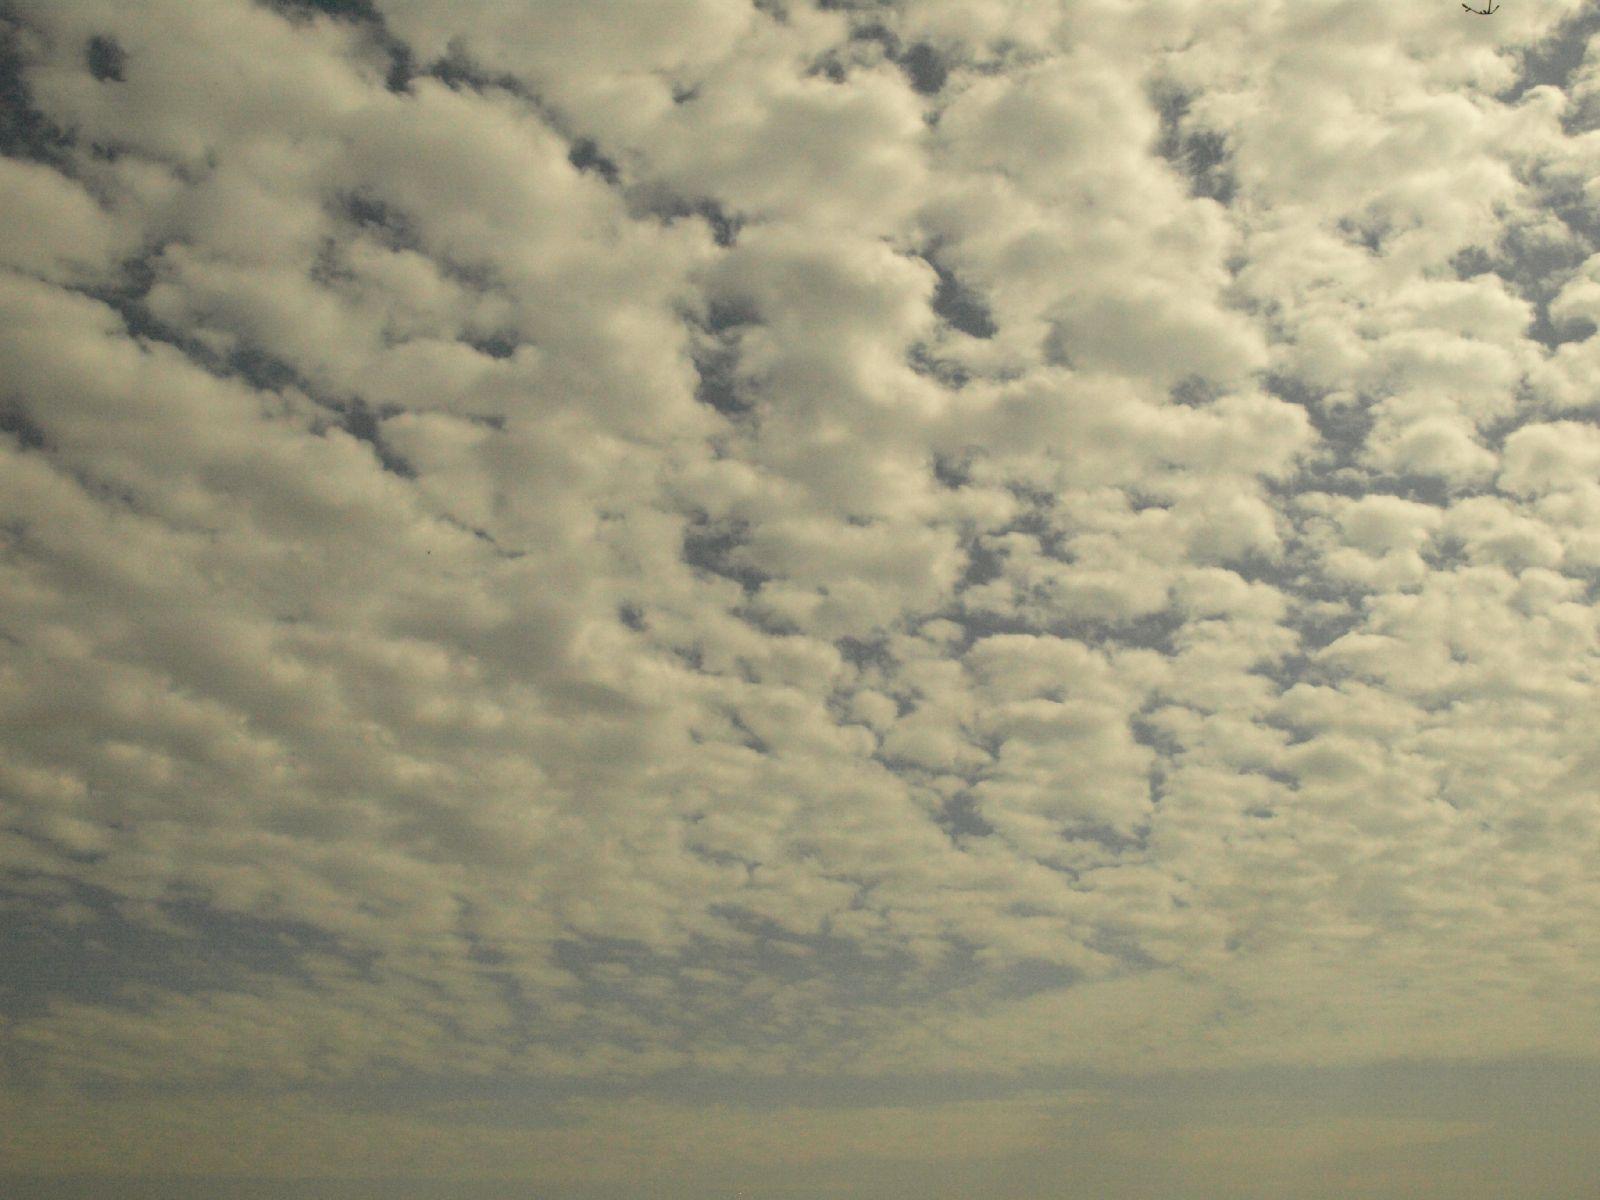 Himmel-Wolken-Foto_Textur_A_P4101918